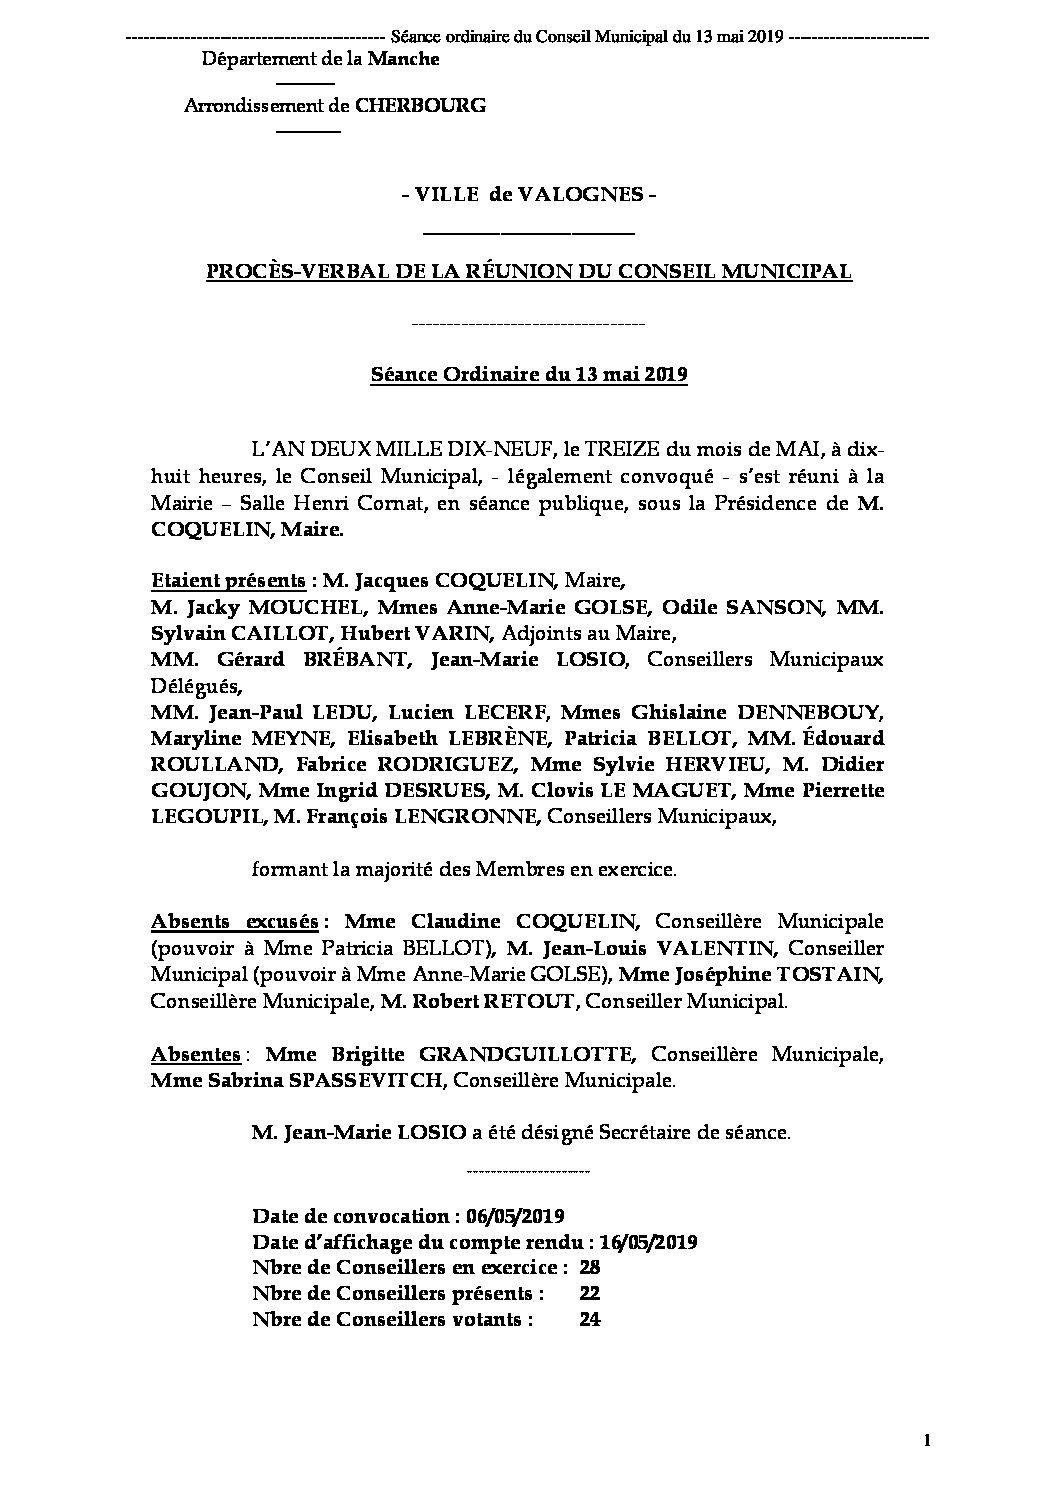 Procès-verbal de la séance du CM du 13 05 19 - Procès-verbal de la séance du Conseil Municipal du 13 mai 2019, approuvé à l'unanimité lors de la réunion du 26 juin.